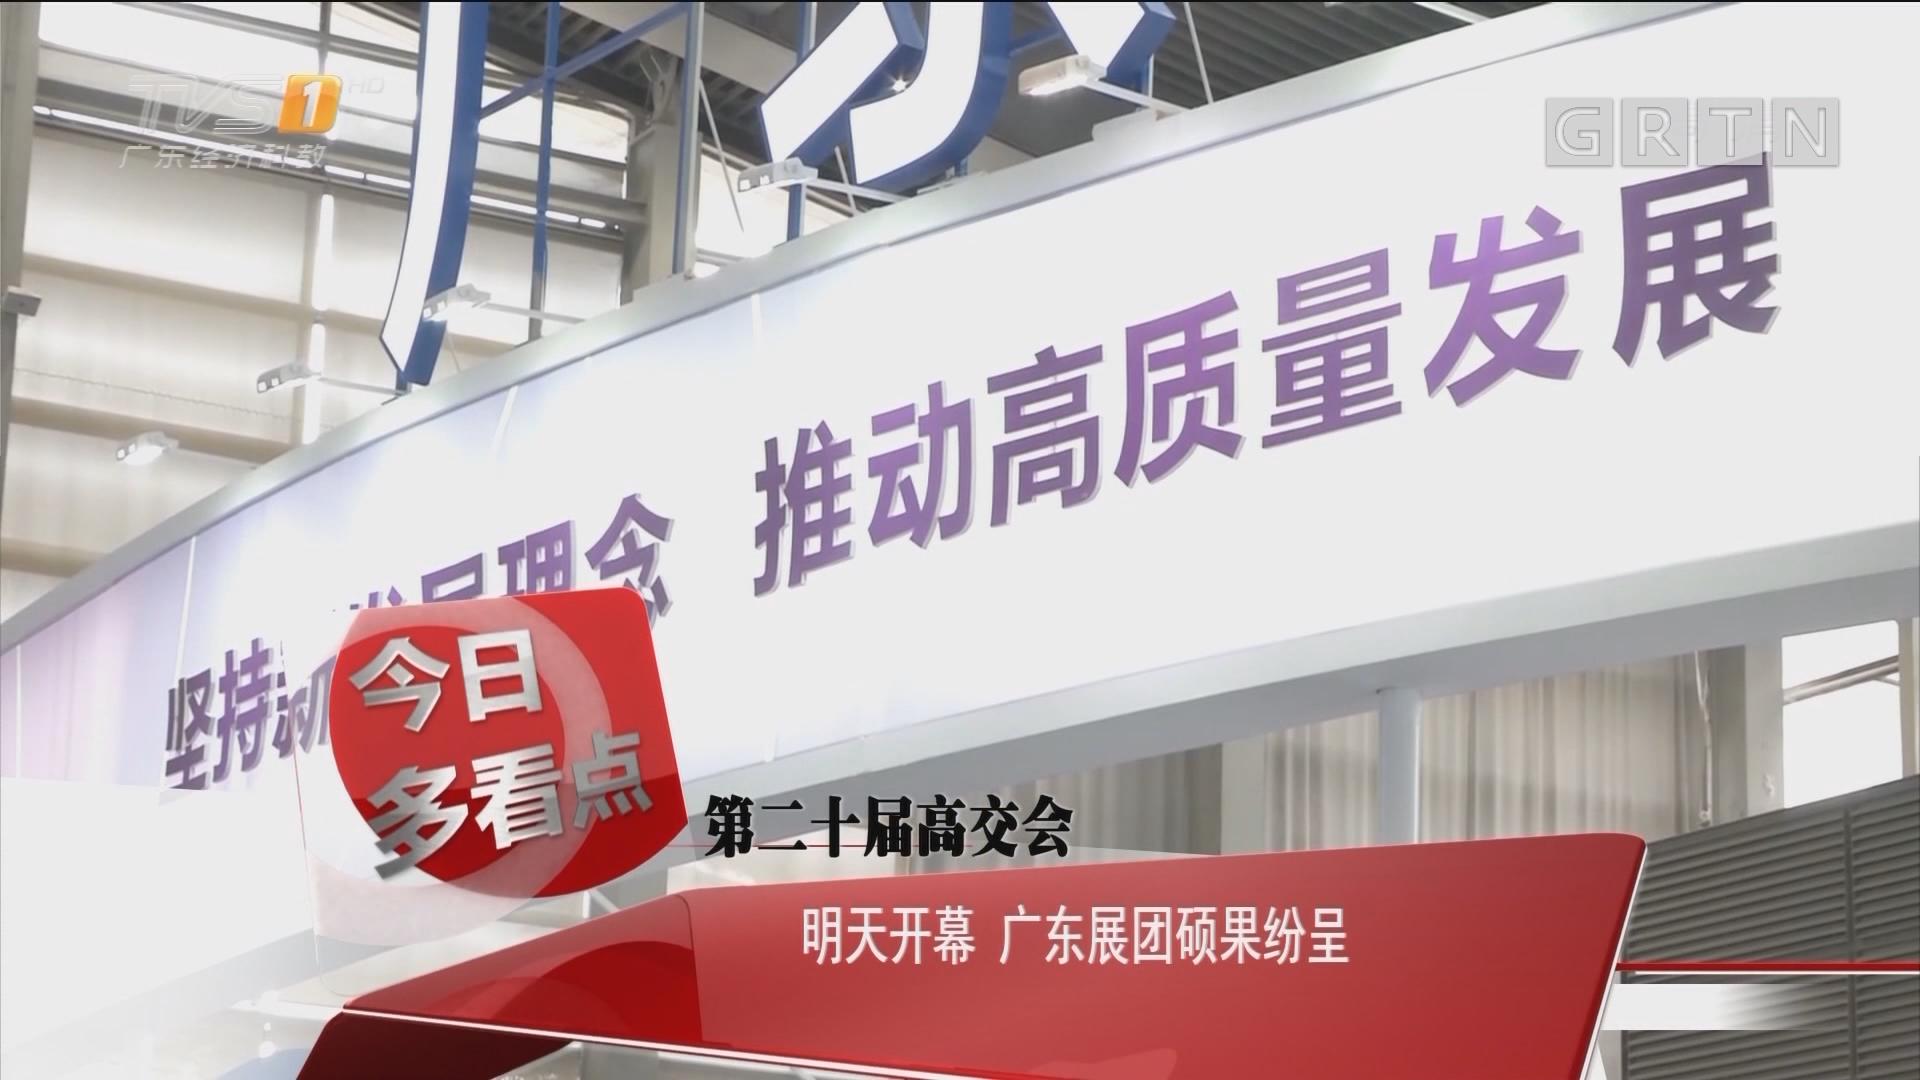 第二十届高交会:明天开幕 广东展团硕果纷呈